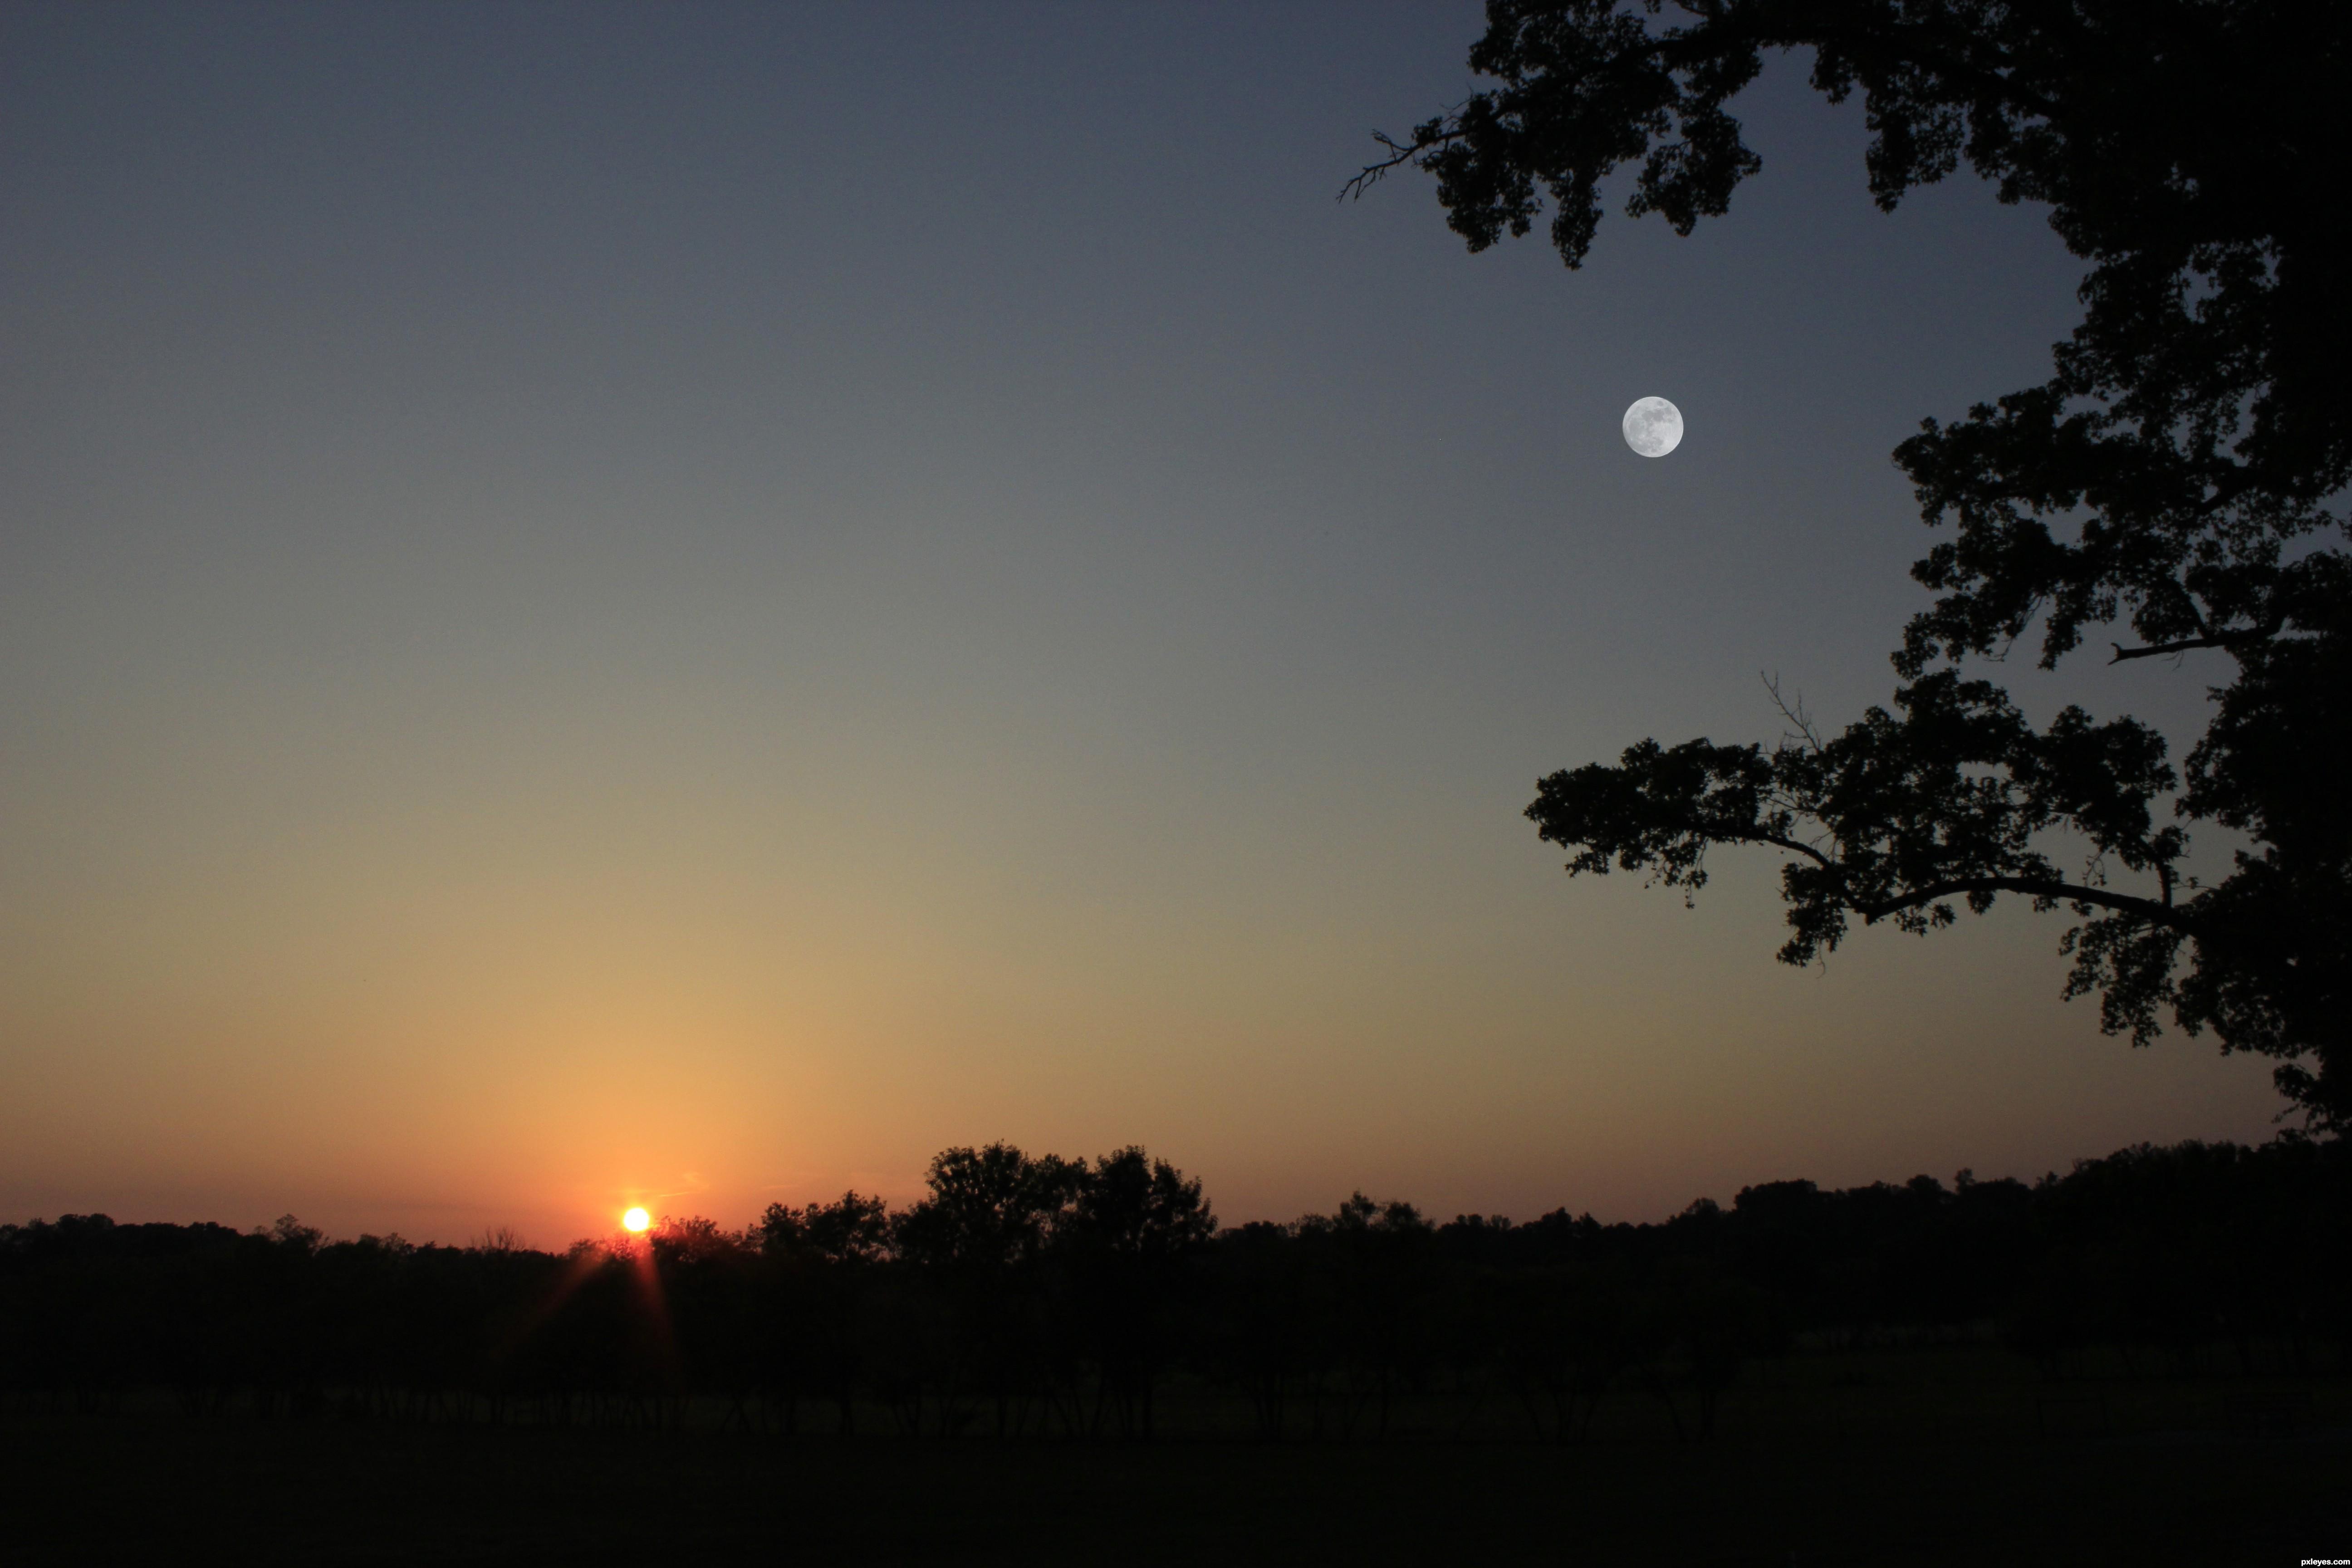 moon or sun